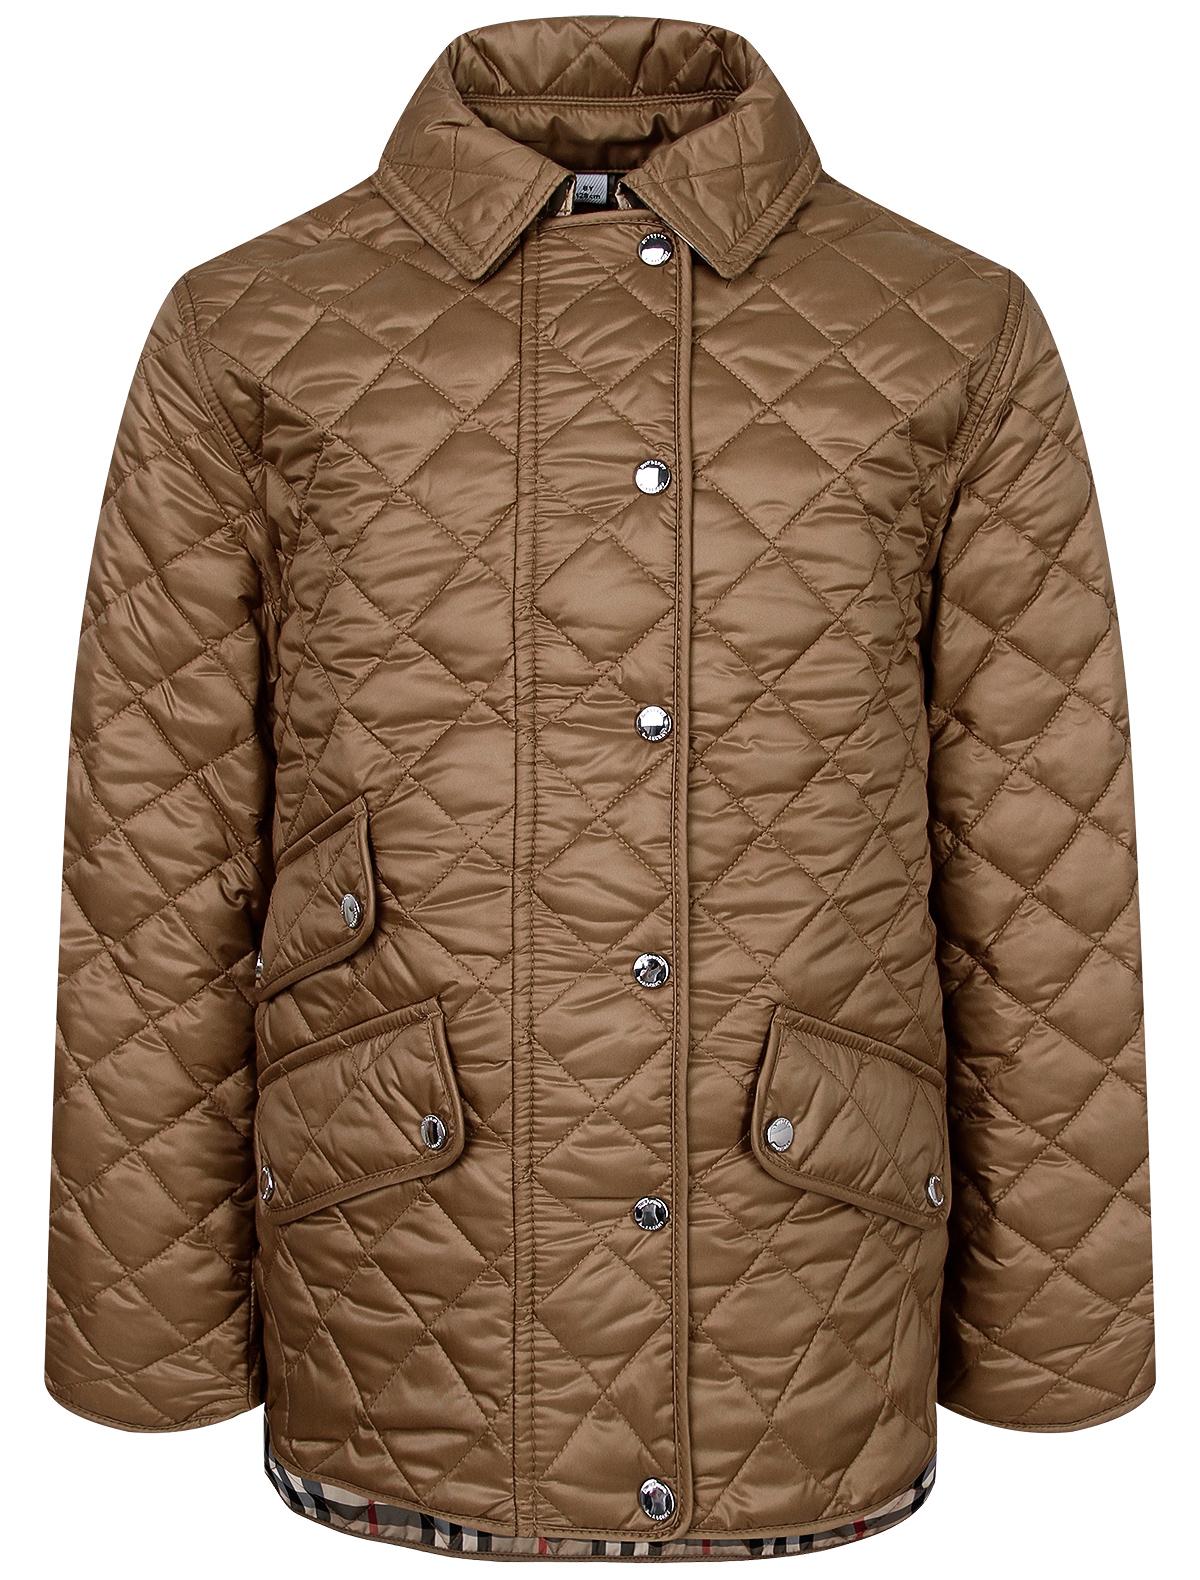 Купить 2236582, Куртка Burberry, коричневый, Женский, 1074509081456